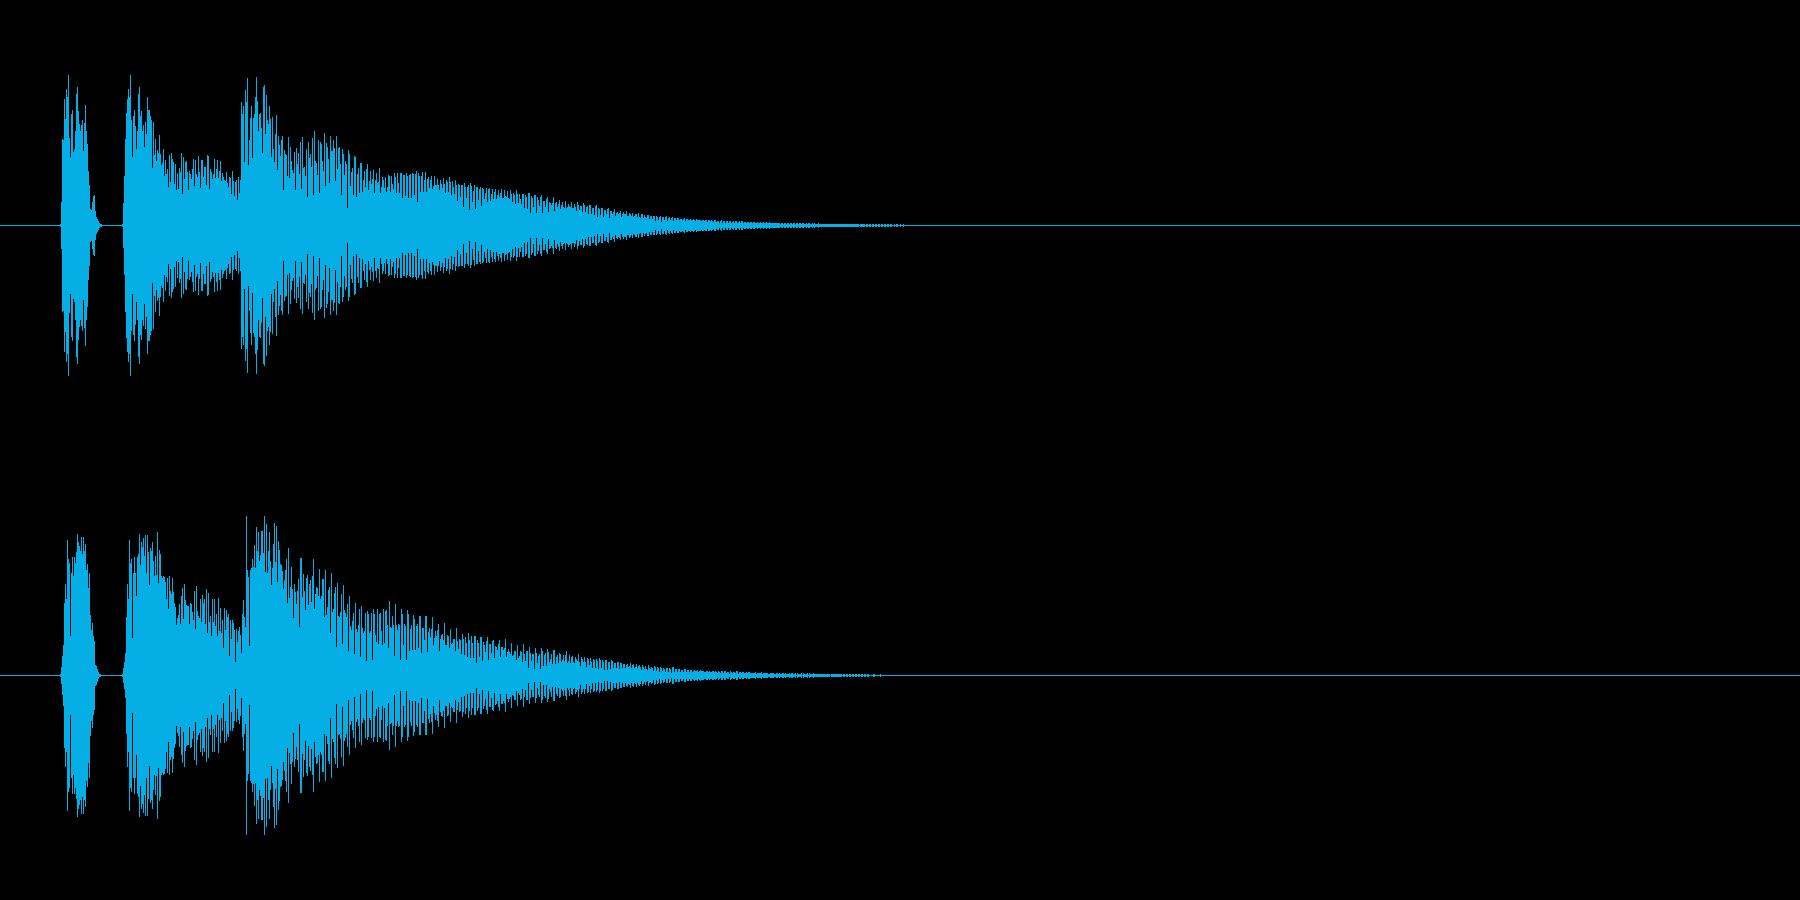 マリンバ。カーソル移動、キャンセルなど。の再生済みの波形